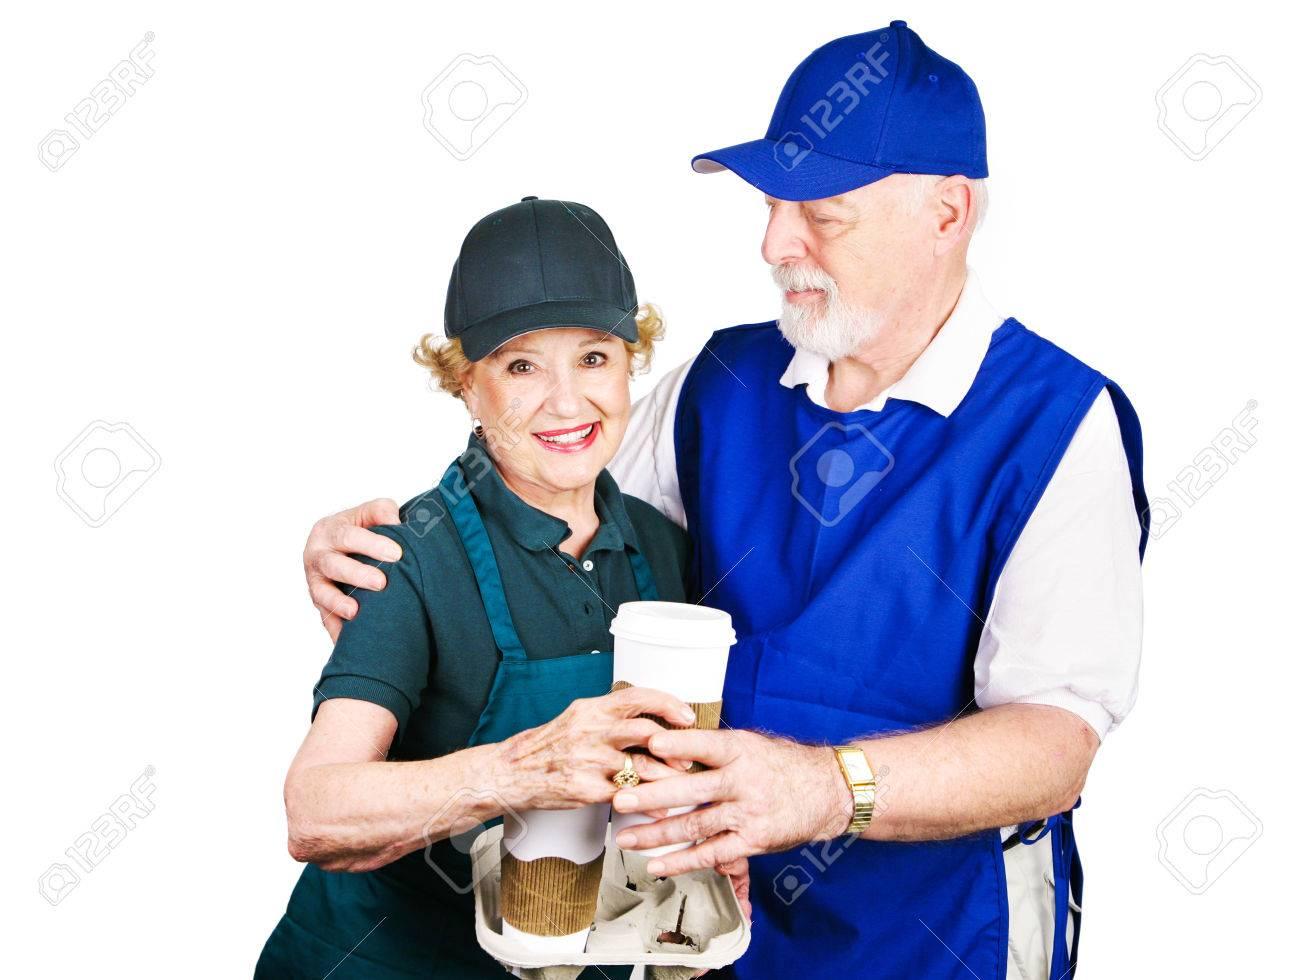 senior couple working minimum wage jobs to supplement retirement senior couple working minimum wage jobs to supplement retirement income isolated on white stock